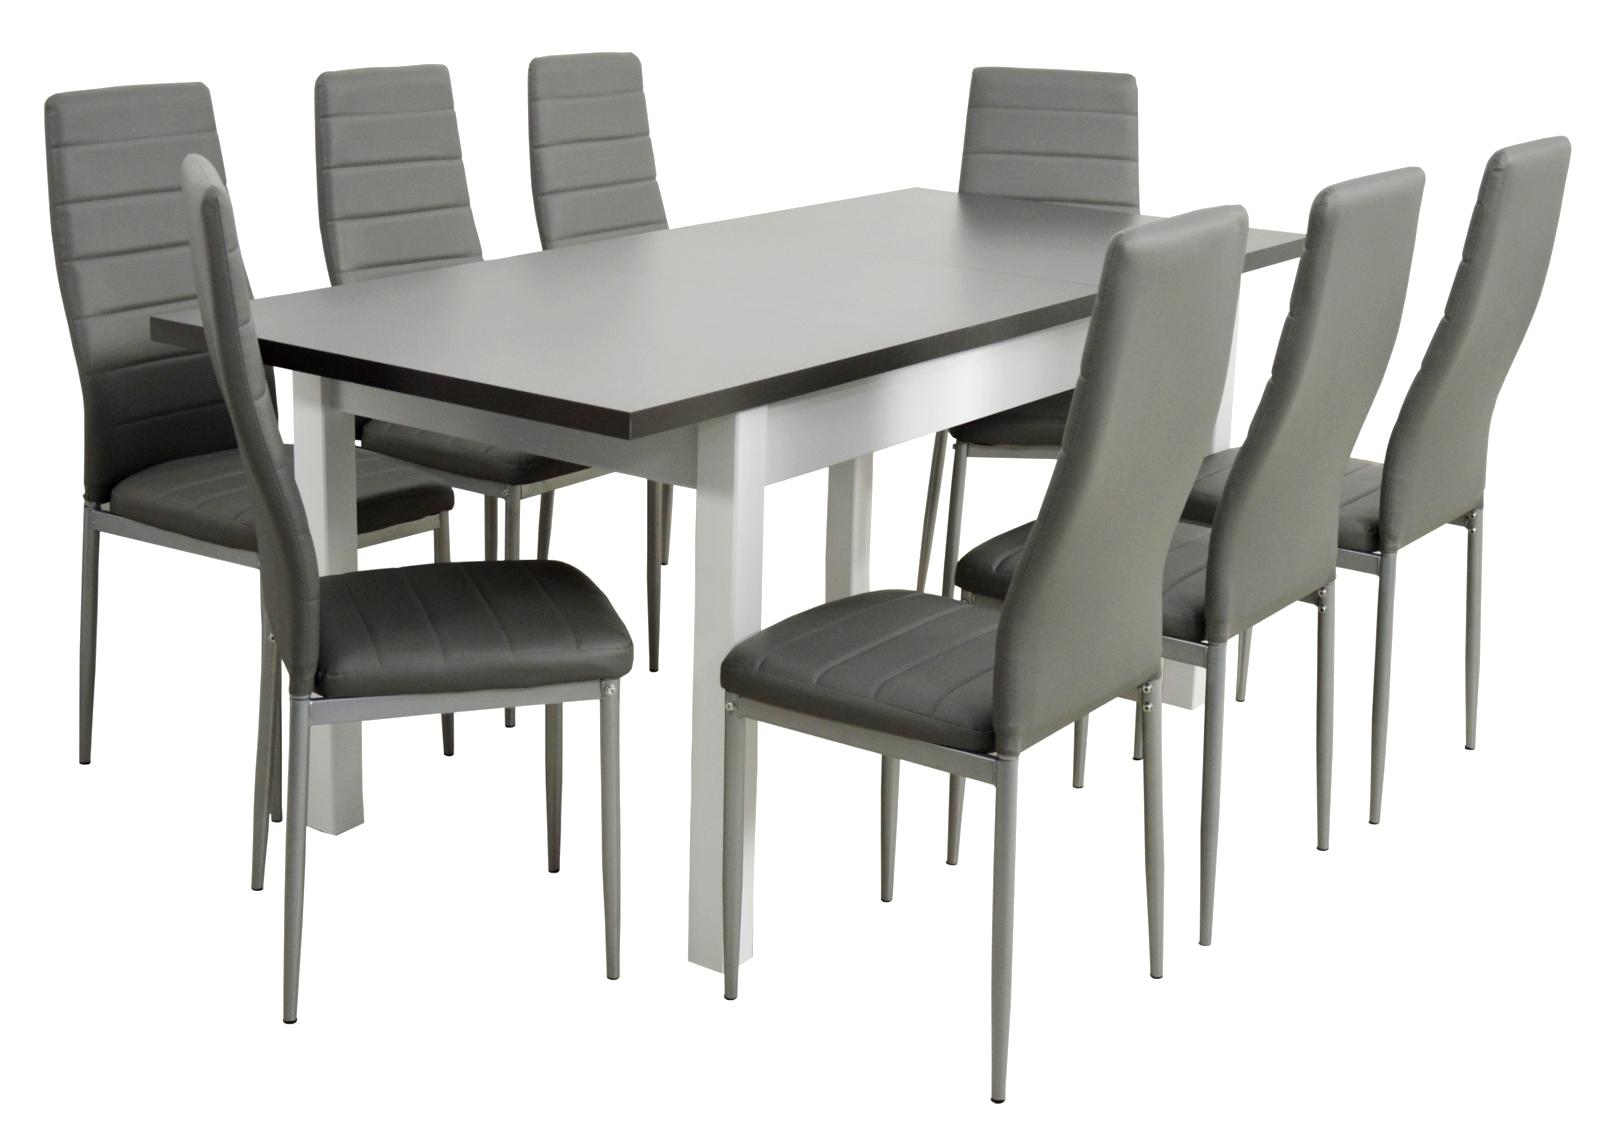 8 stoličiek a veľký jedálenský stôl biely skladací stôl grafit